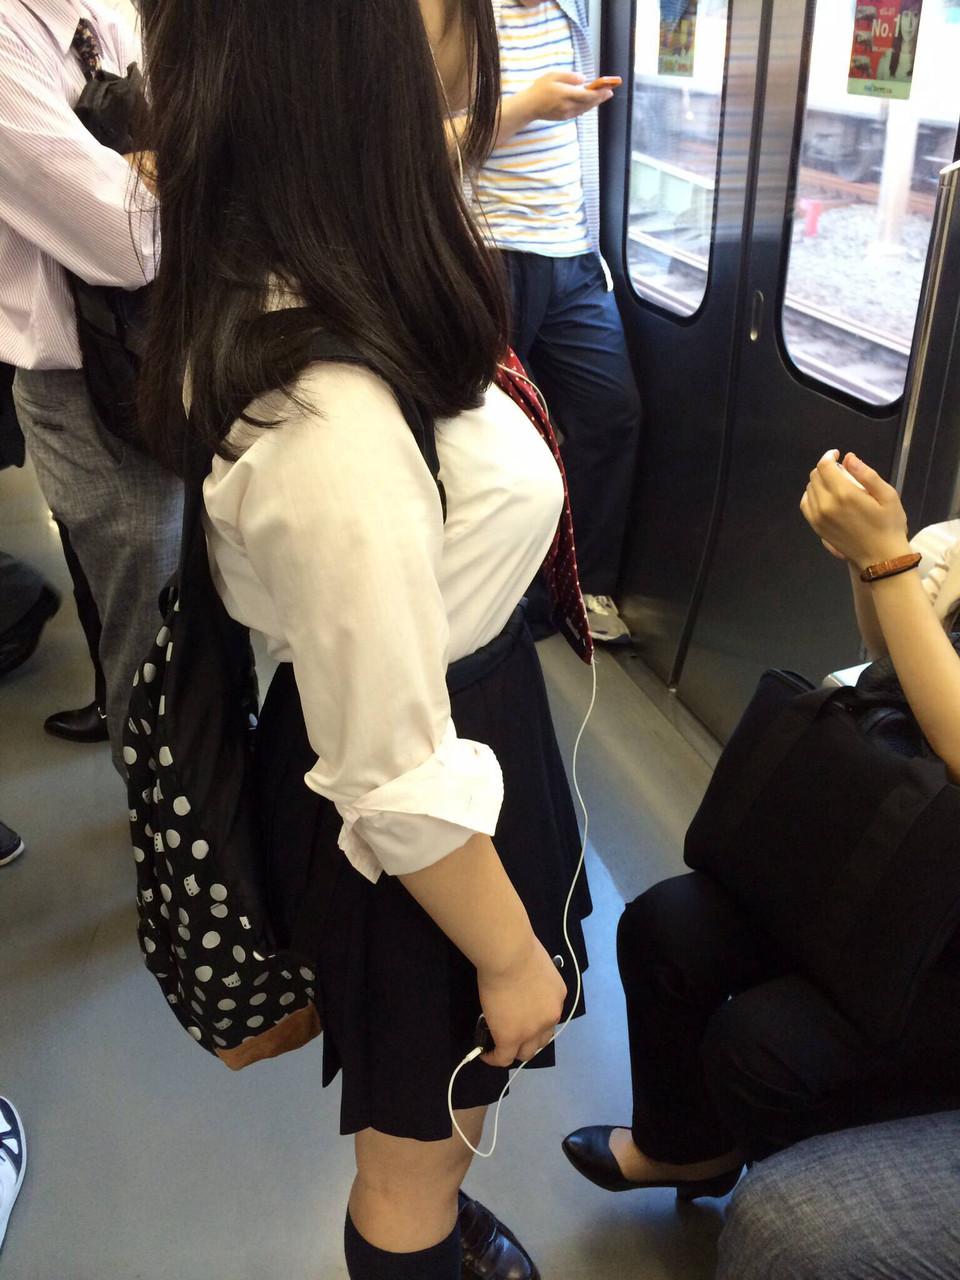 巨乳 JK おっぱい 制服 エロ画像【48】